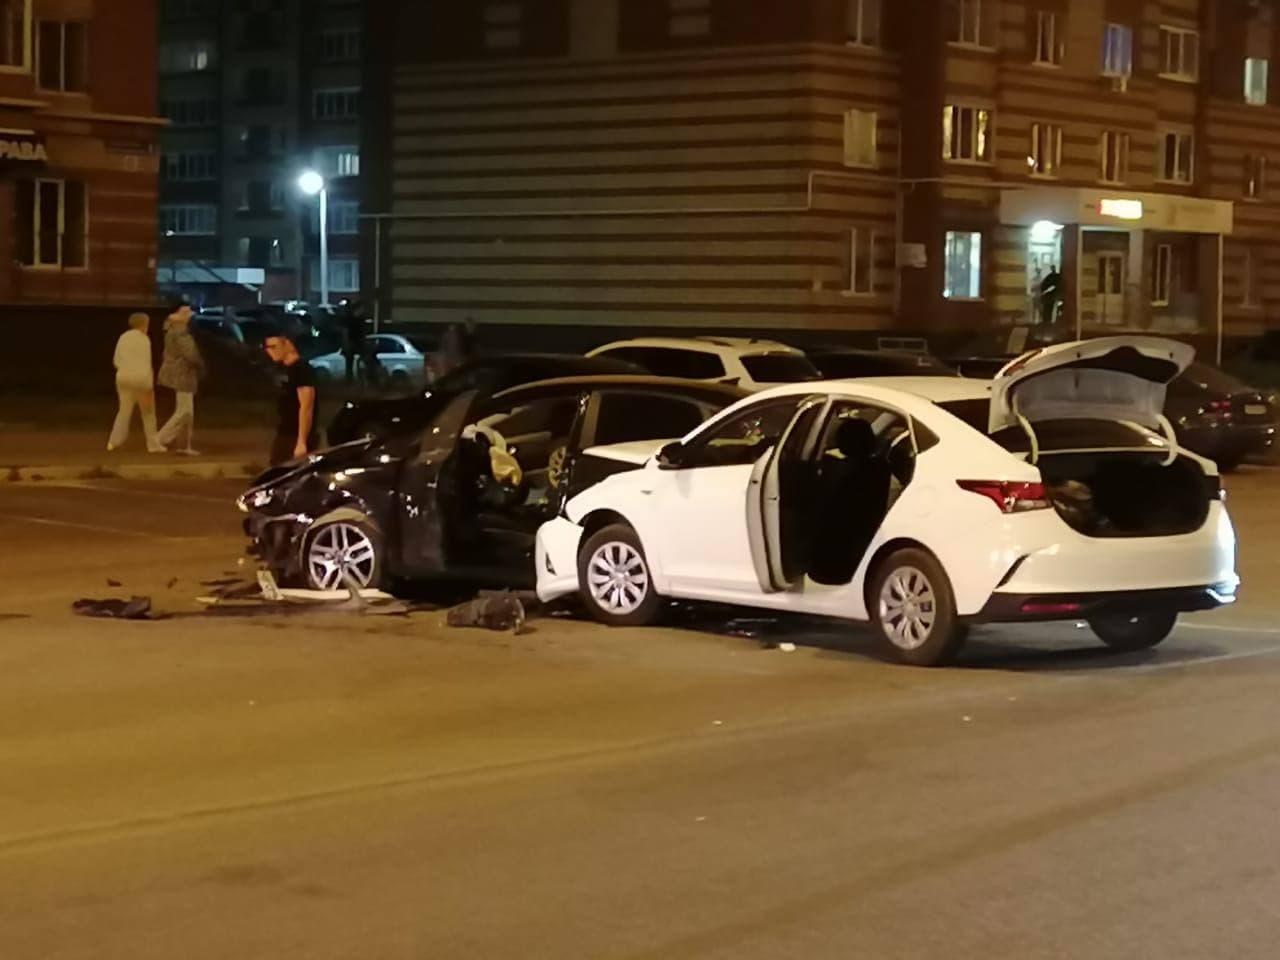 В Йошкар-Оле в ДТП по вине нетрезвого водителя пострадали три человека